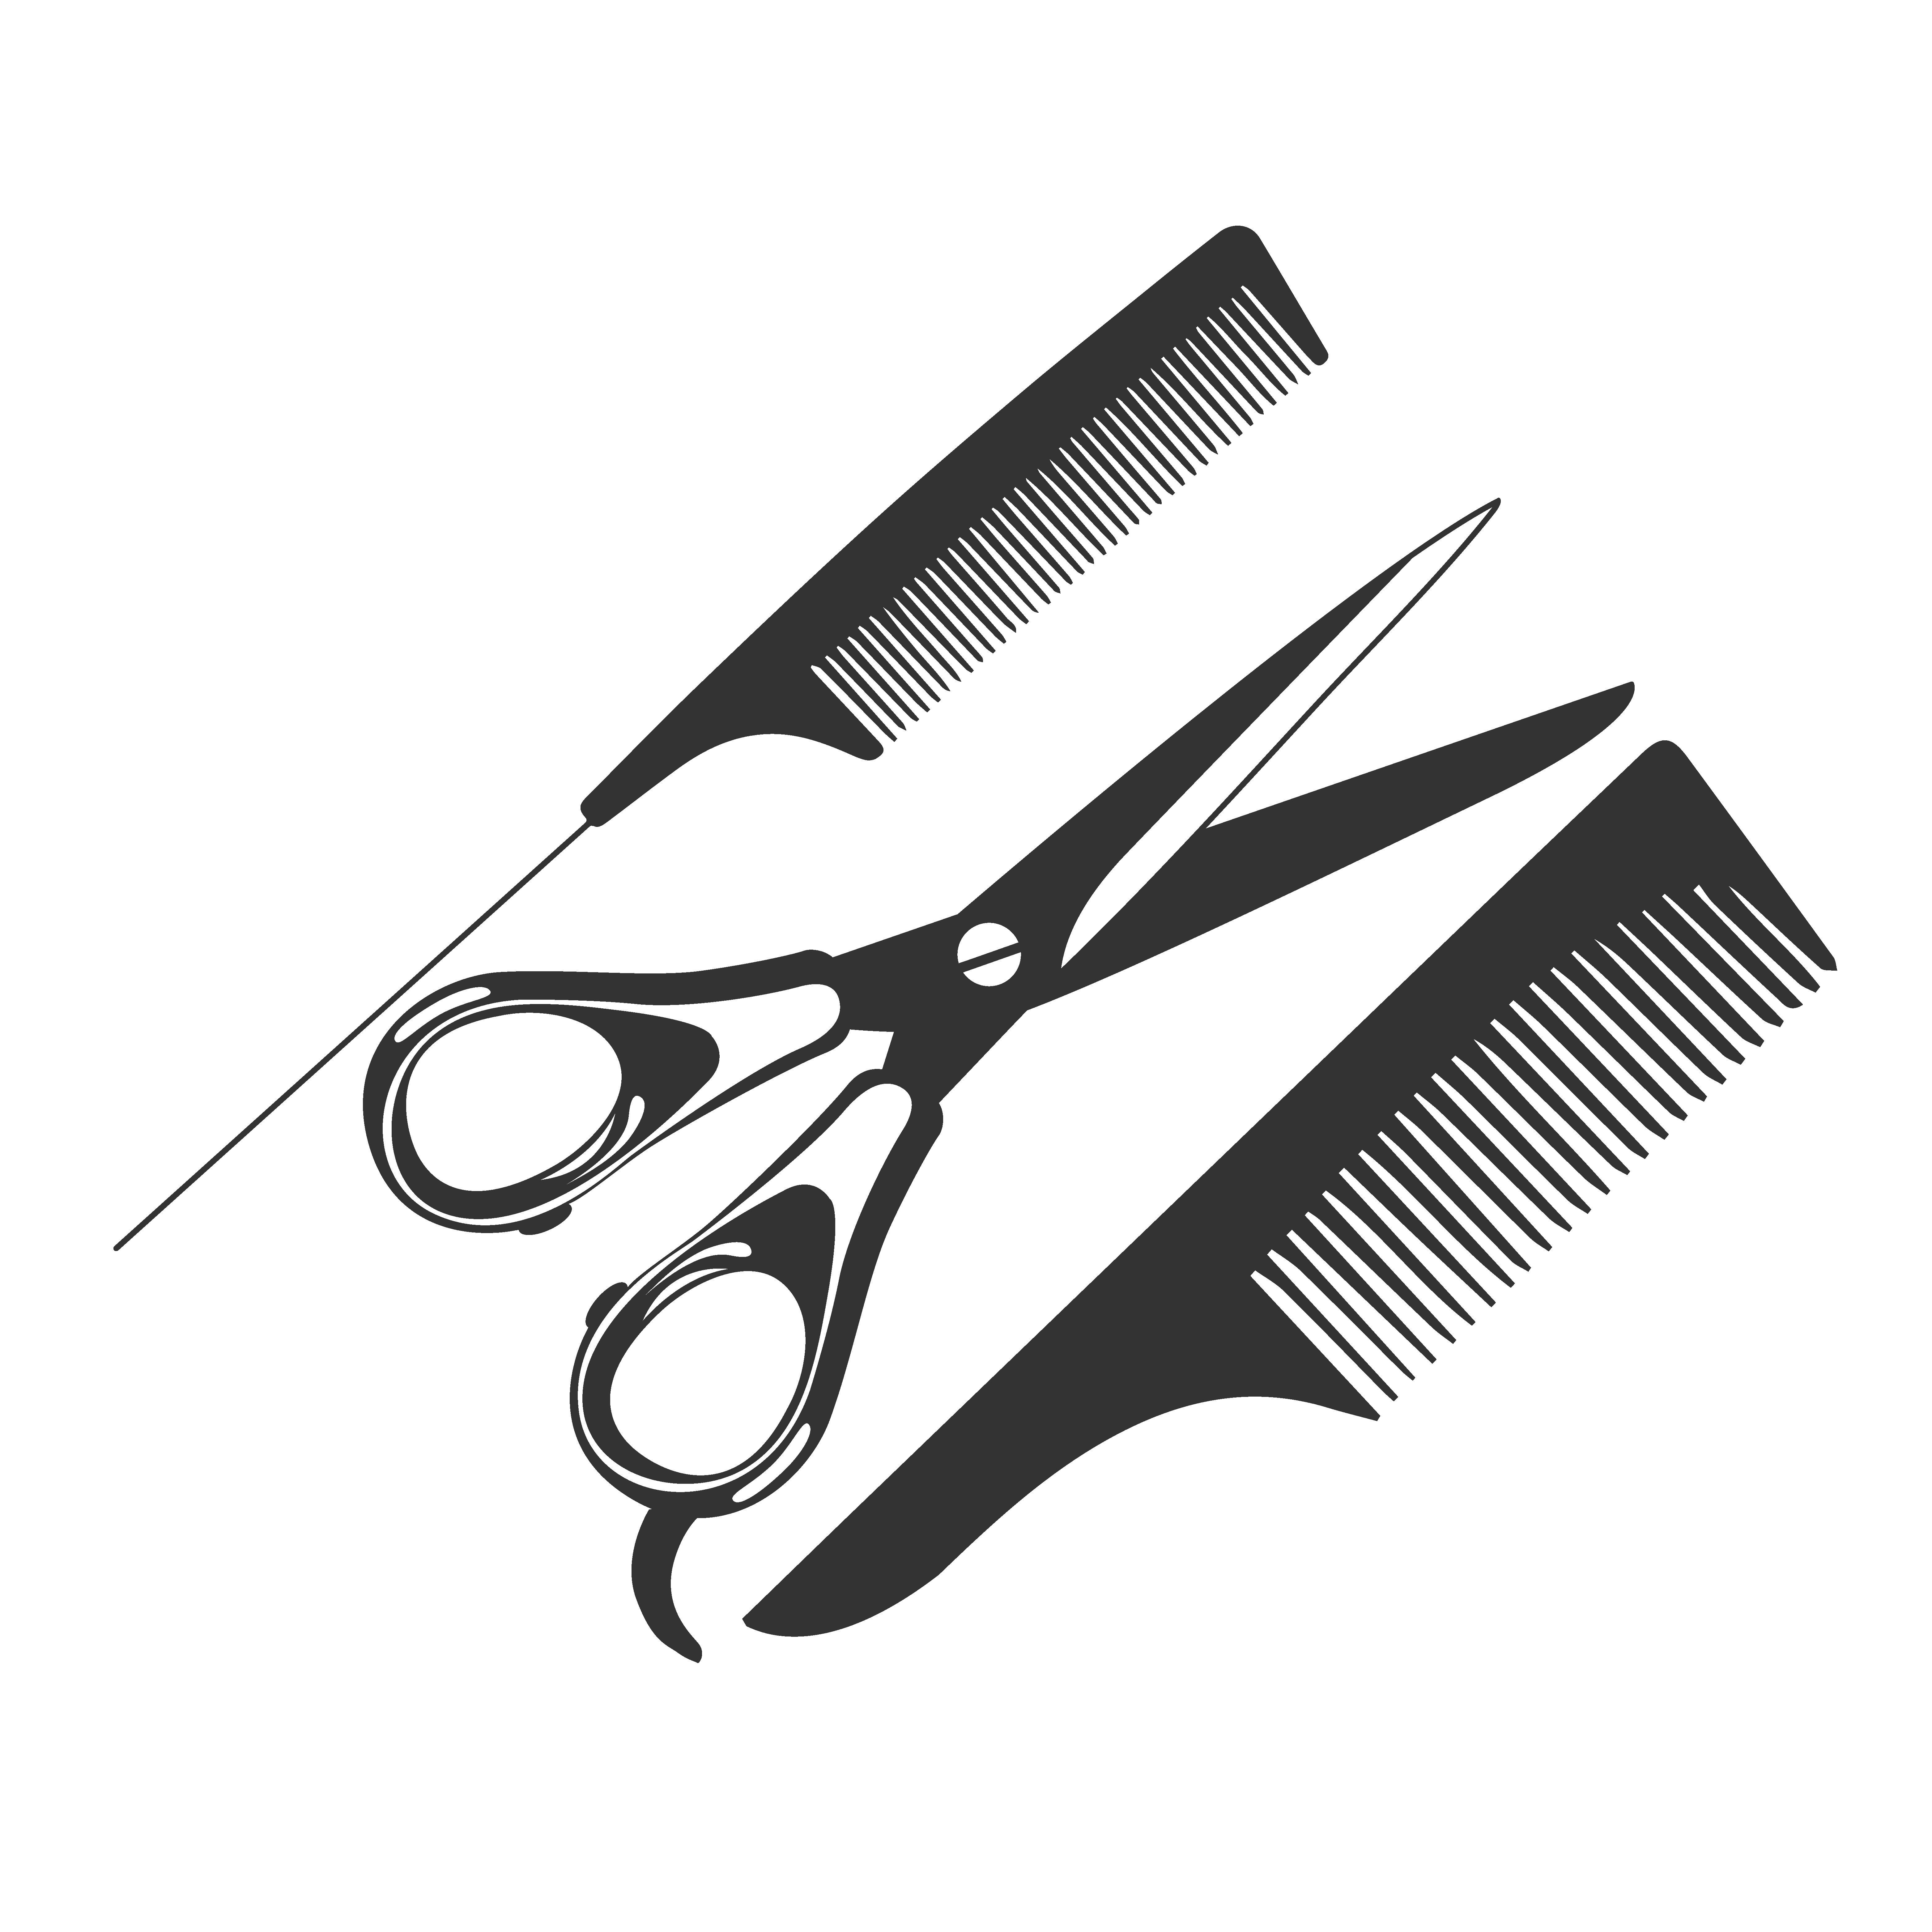 comb scissors barber tools icon illustrations creative market